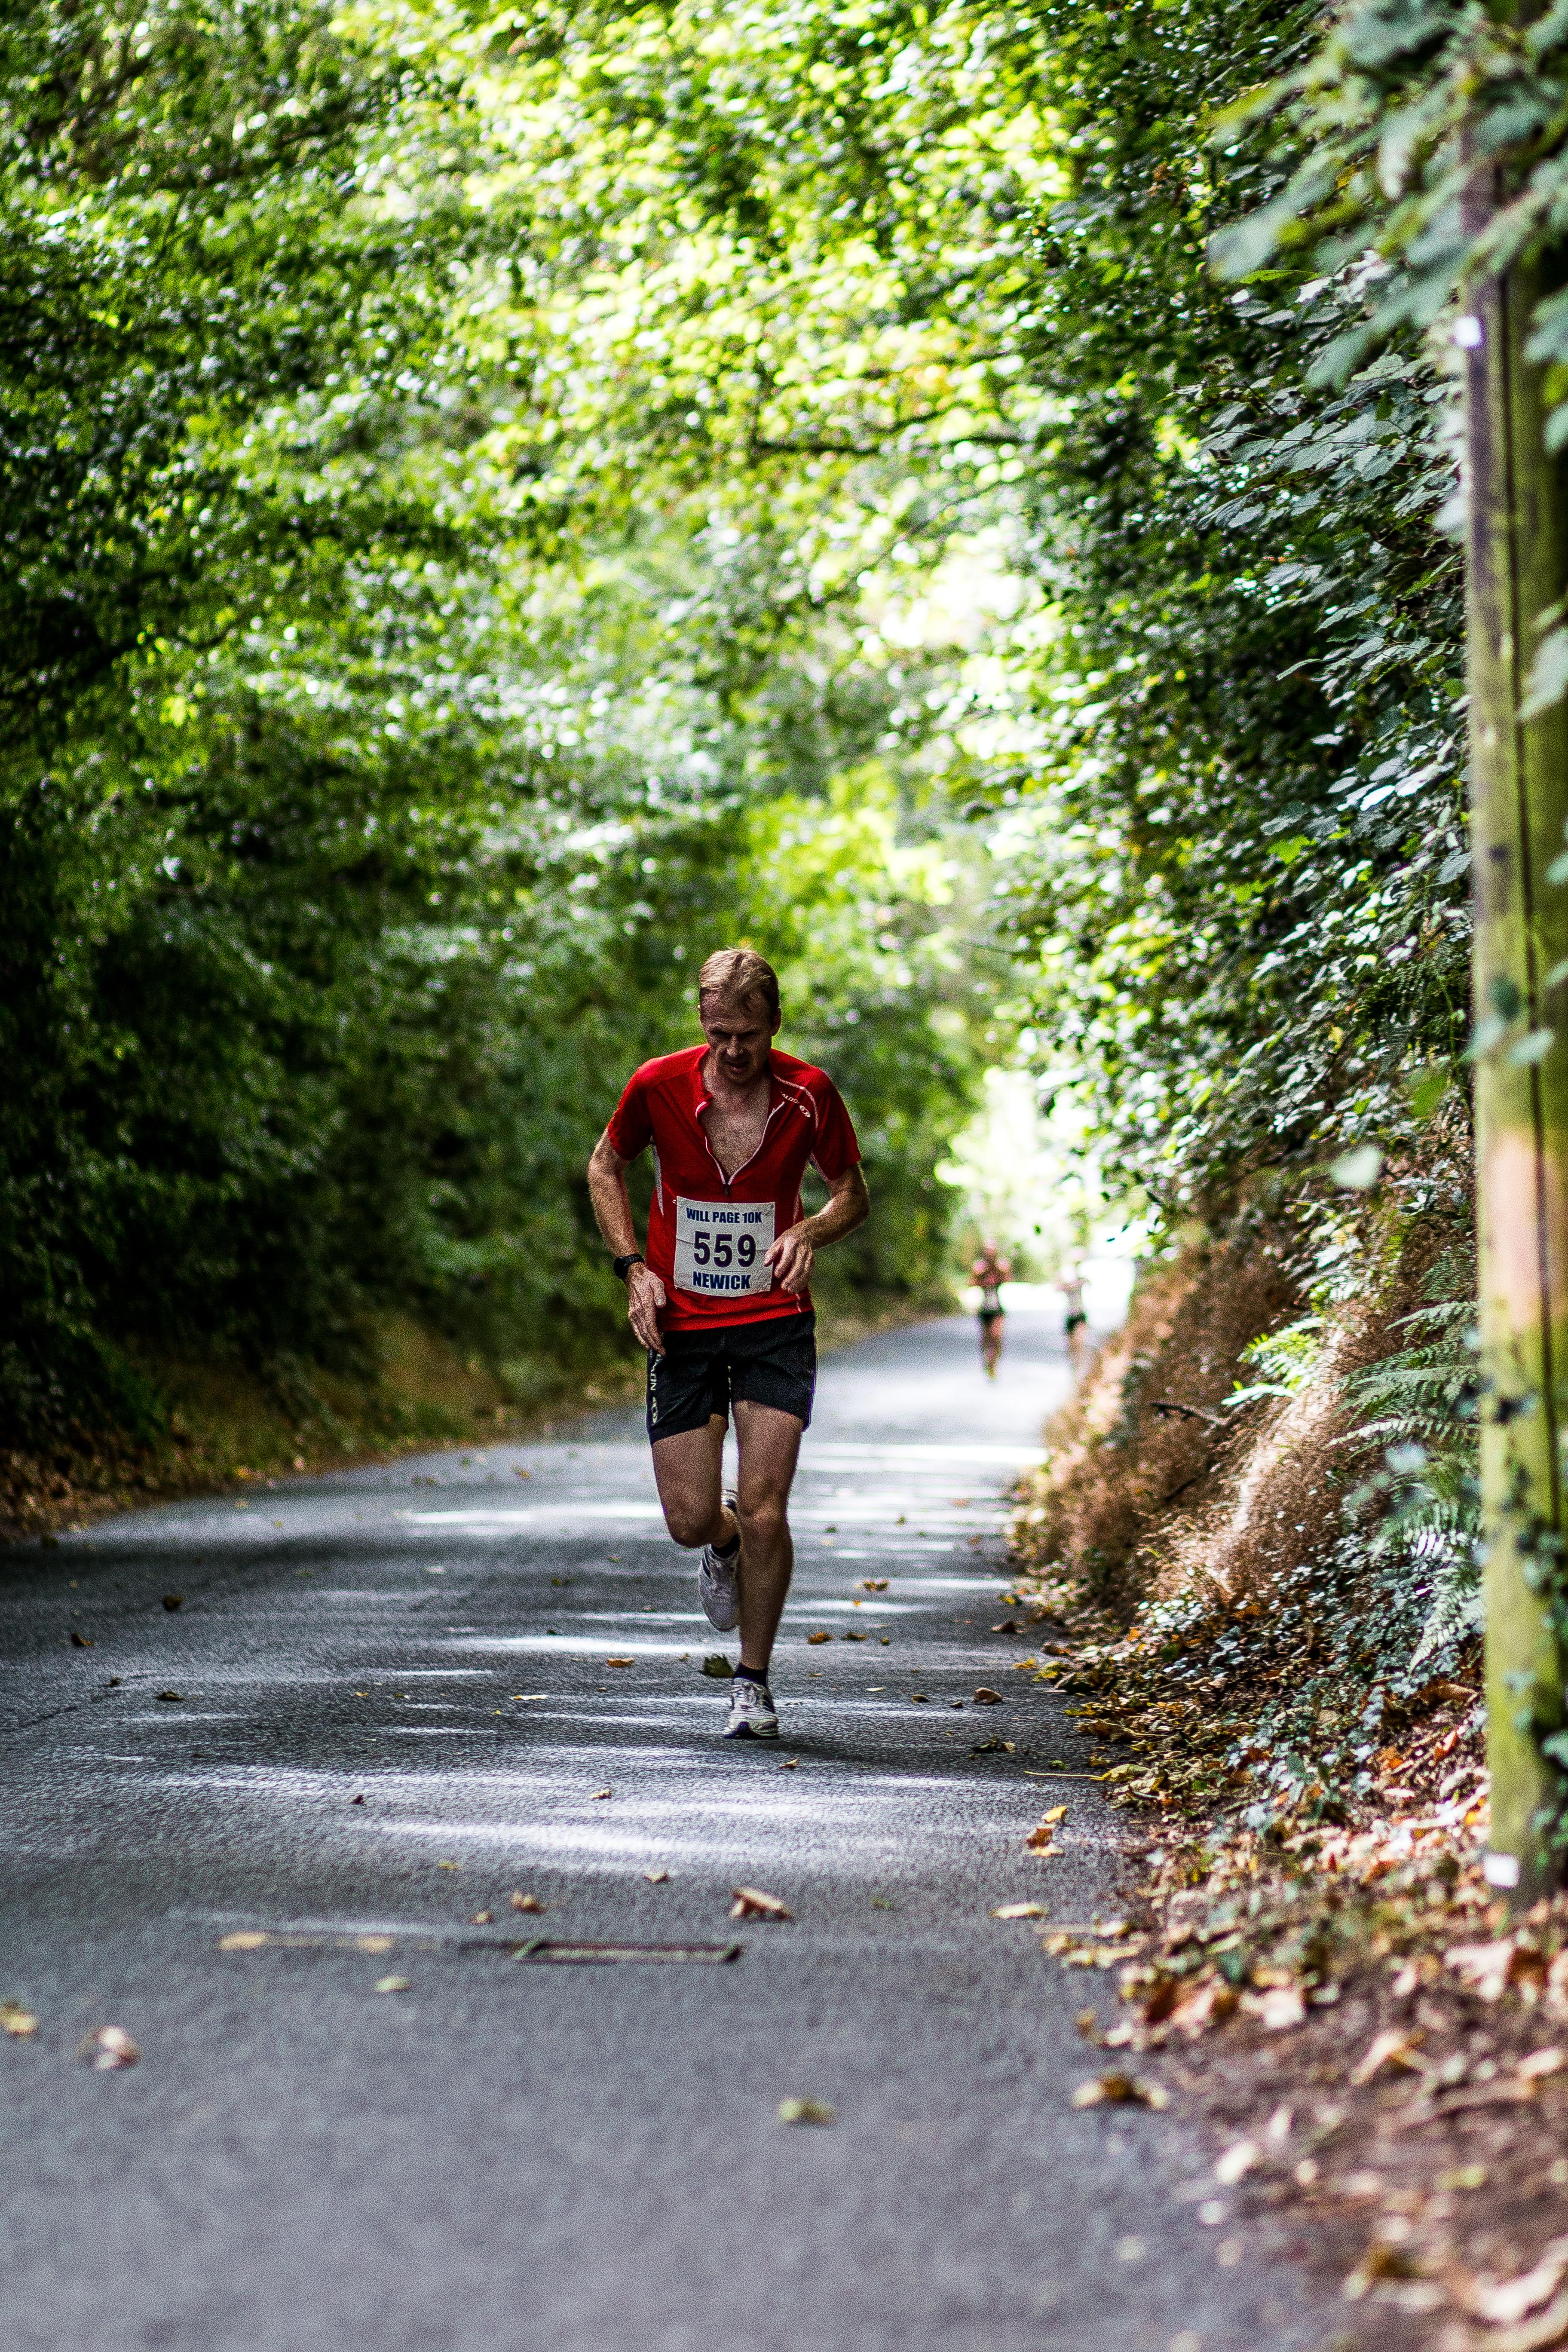 Runner - 559